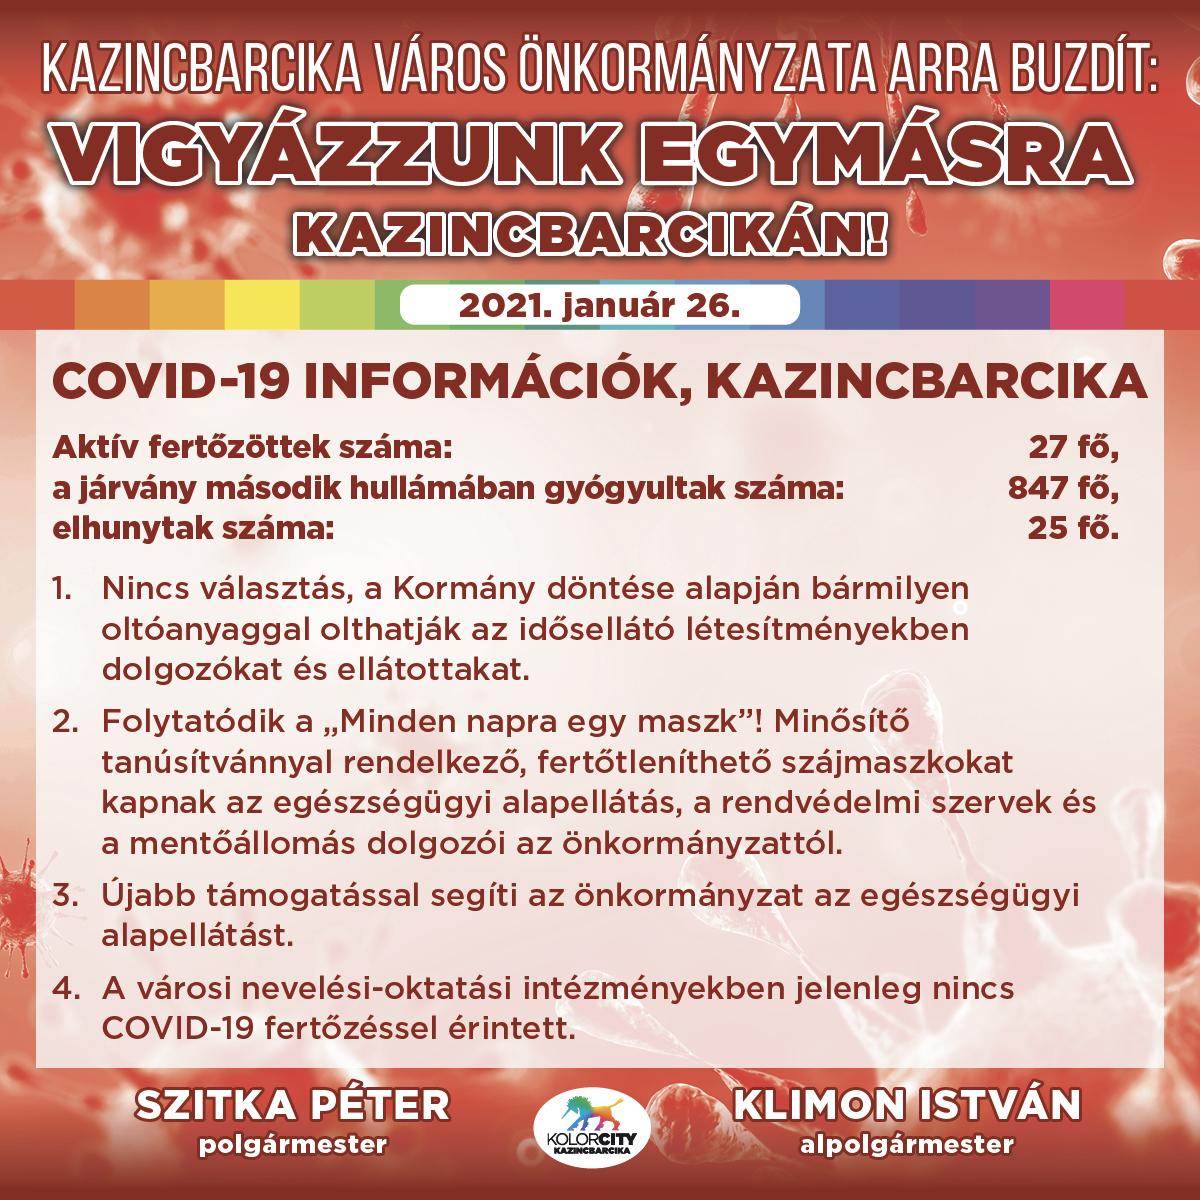 https://kolorline.hu/Vigyázzunk egymásra Kazincbarcikán! – 2021. január 26.